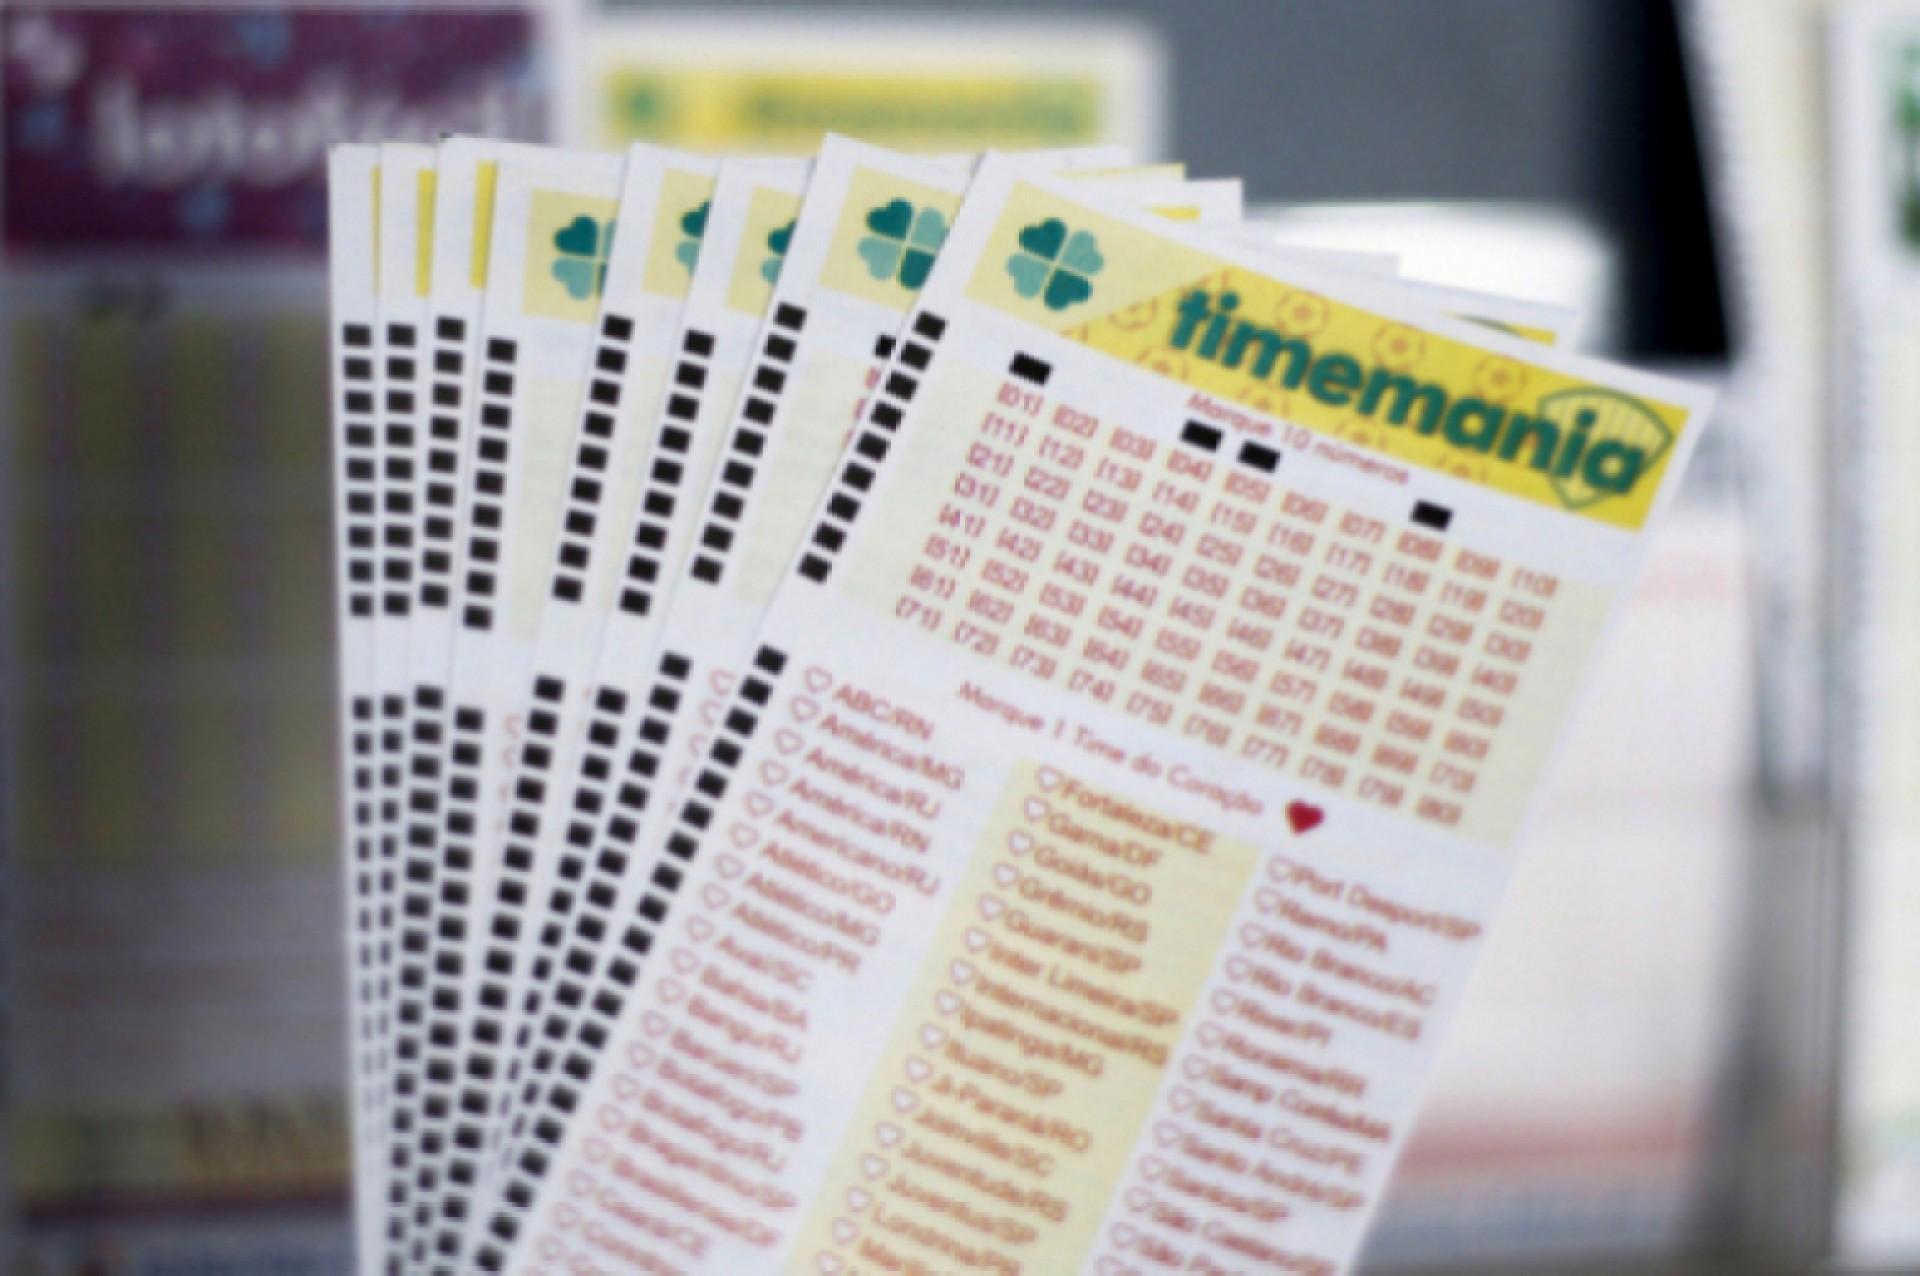 O resultado da Timemania de hoje, Concurso 1589 foi divulgado na noite de hoje, sábado, 16 de janeiro (16/01). O valor do prêmio está estimado em R$ 5,6 milhões (Foto: Deísa Garcêz)